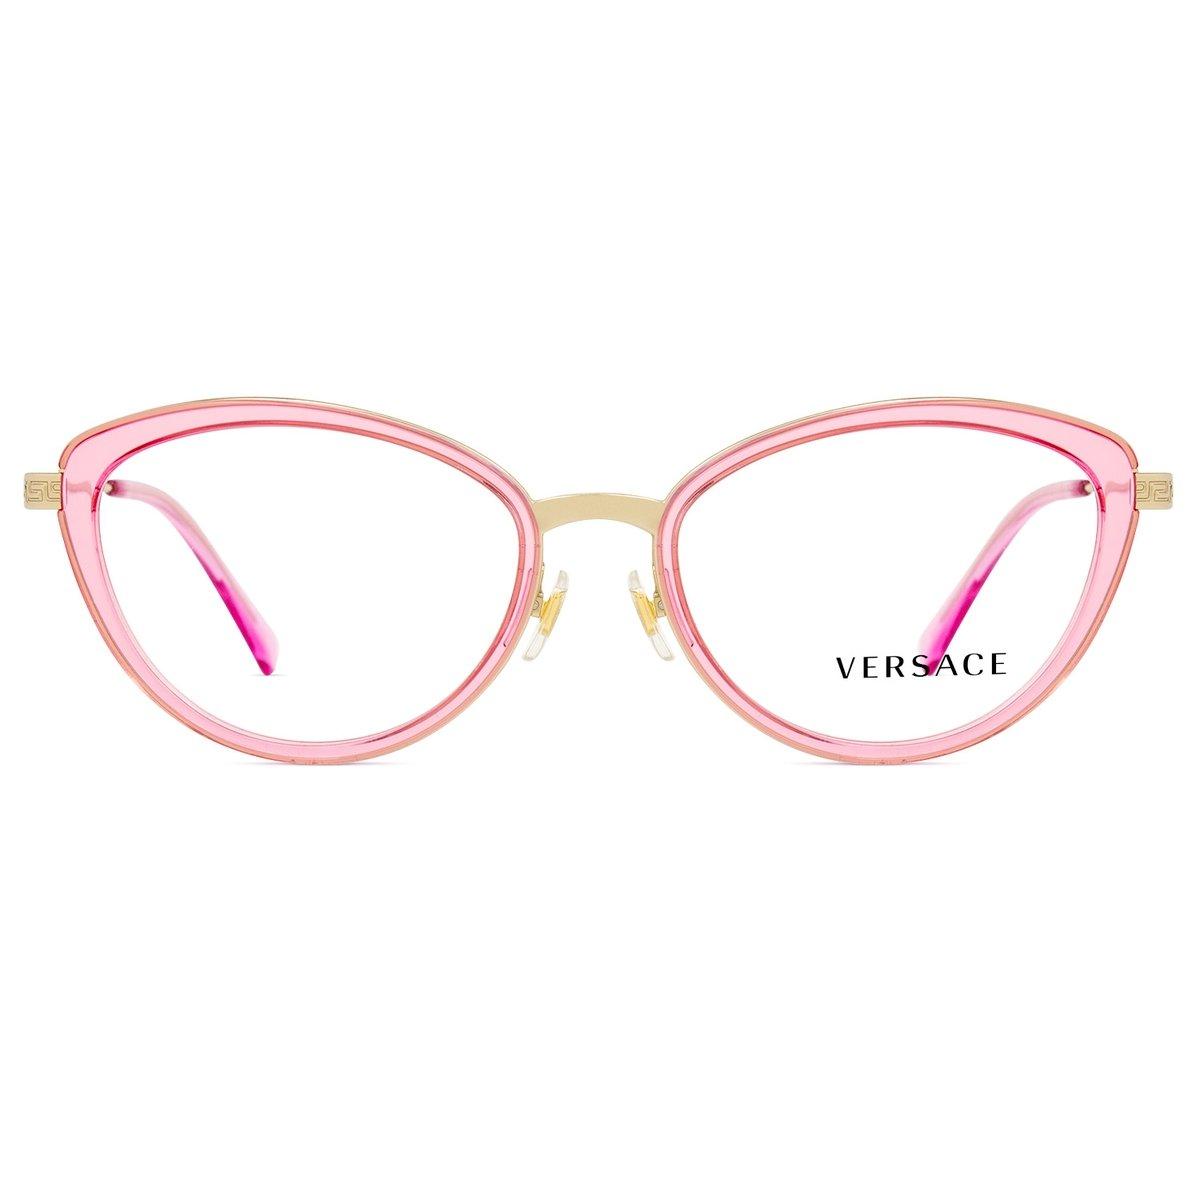 Armação Óculos de Grau Versace VE1244 1404-53 - Compre Agora   Zattini c9f79a72d2